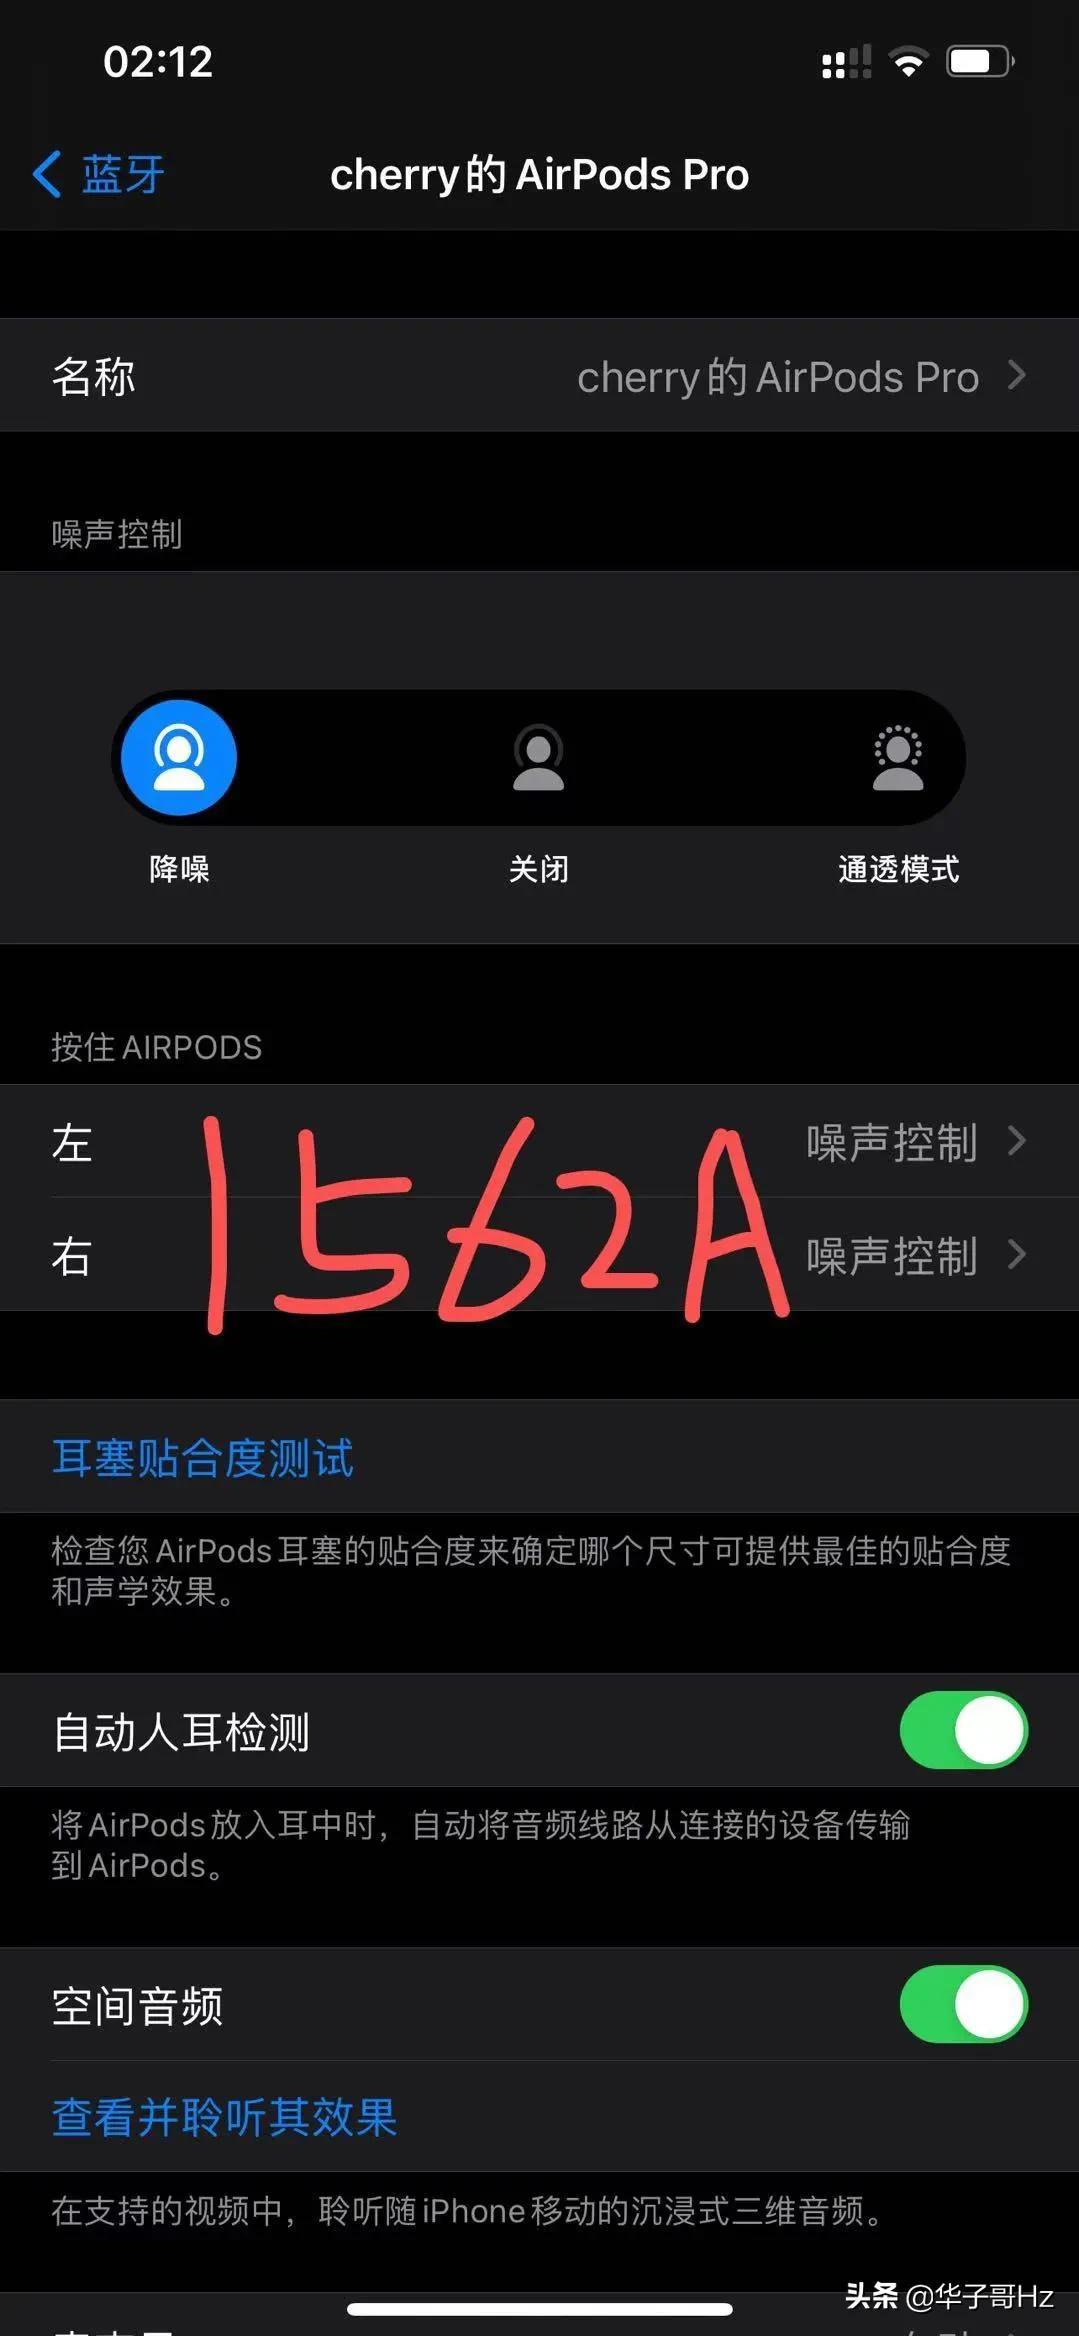 洛达1562A AirPods pro对比苹果正品无线蓝牙耳机区别在哪里?